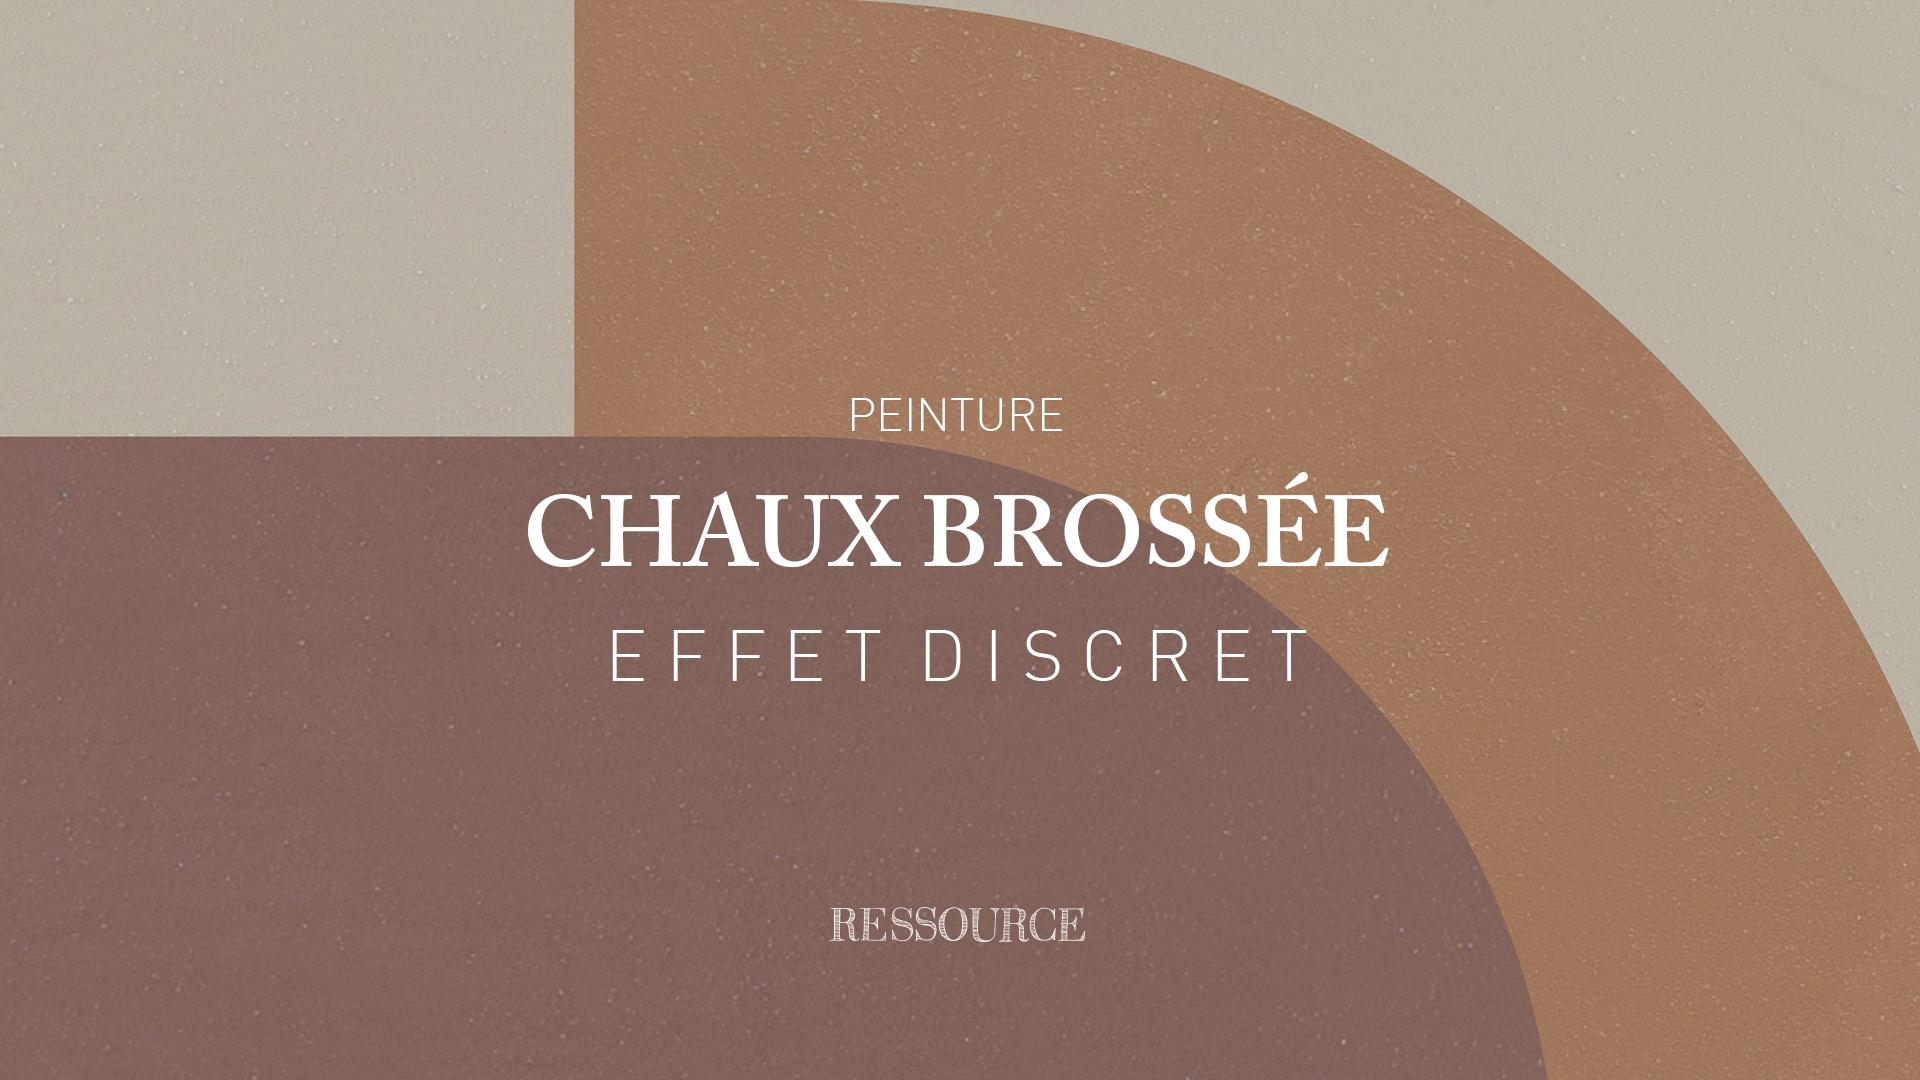 Chaux Brossée, Effet discret, conseils d'application en vidéo